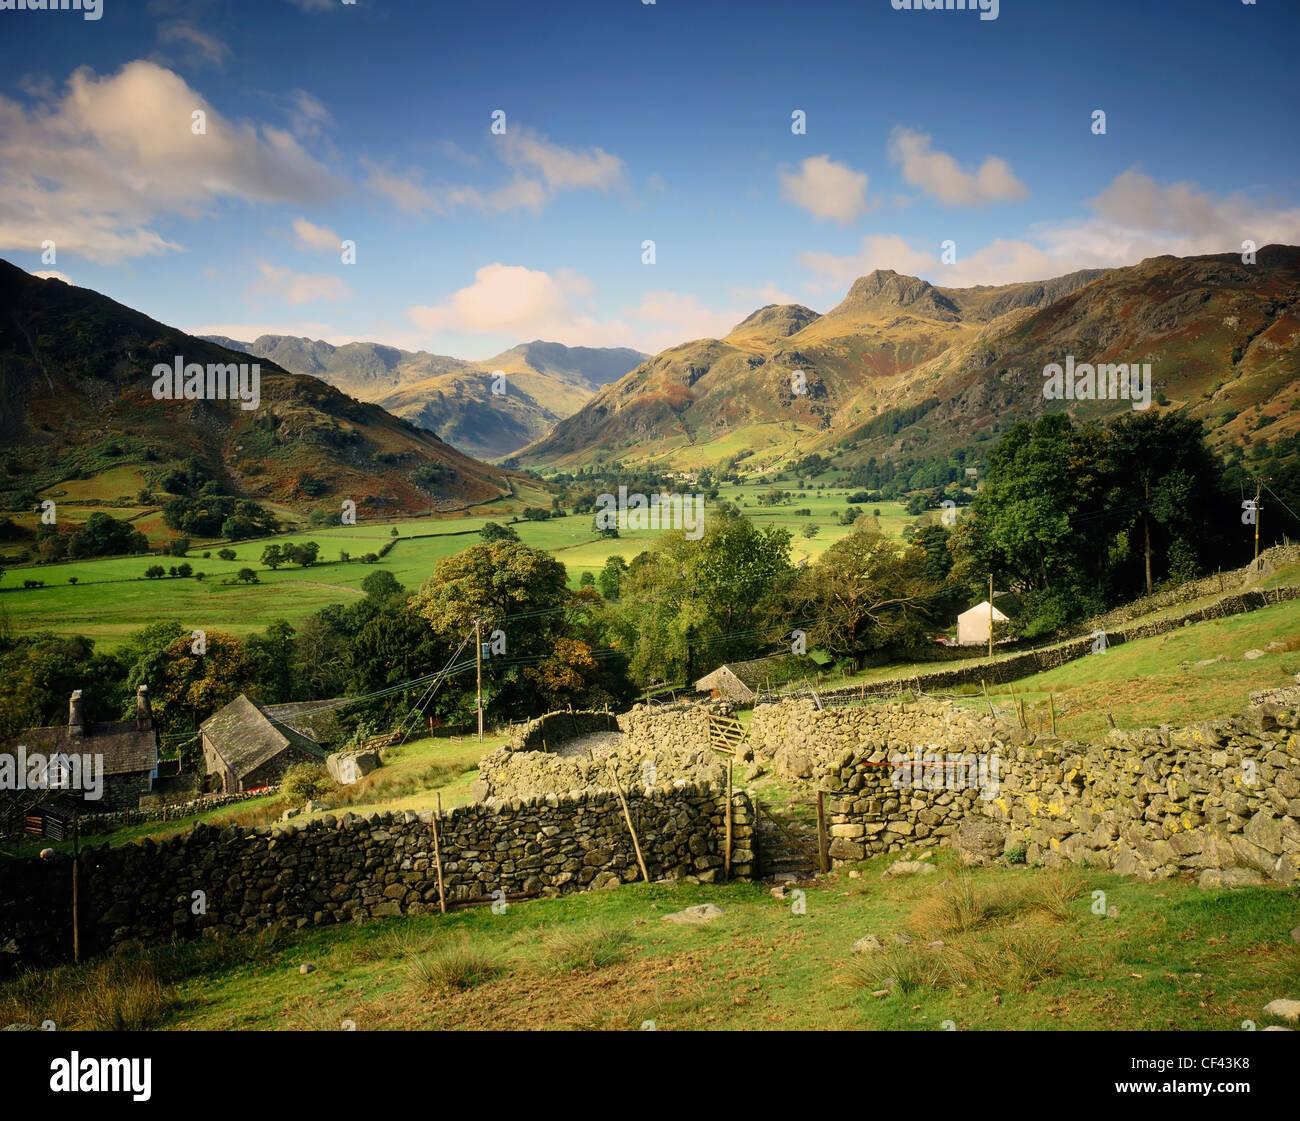 Vistas hacia el valle de Langdale Pikes Langdale en el Lake District. Imagen De Stock